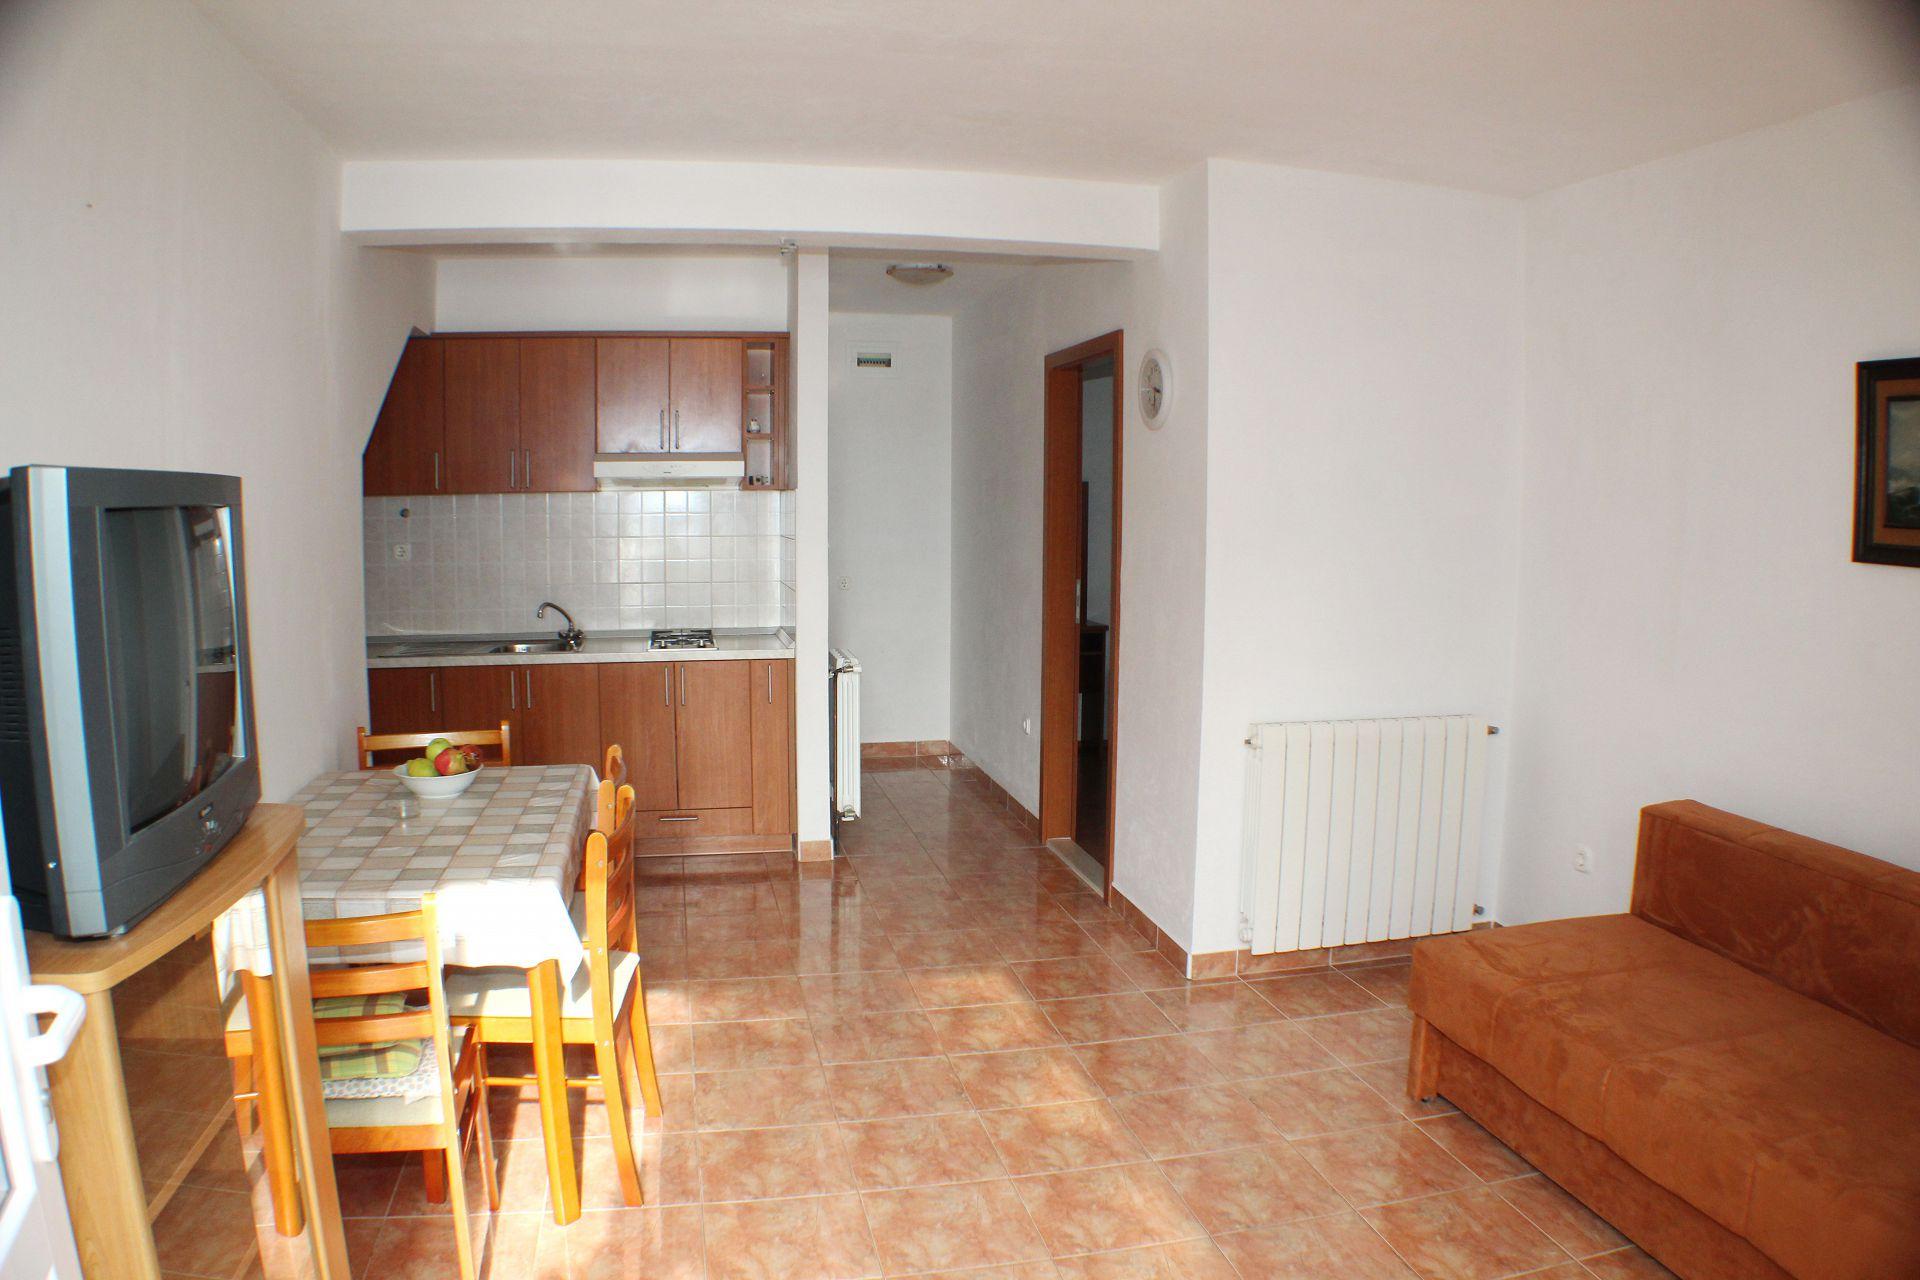 Ferienwohnung 5147  A4 Somina(2+2) - Brist (739134), Podaca, , Dalmatien, Kroatien, Bild 14